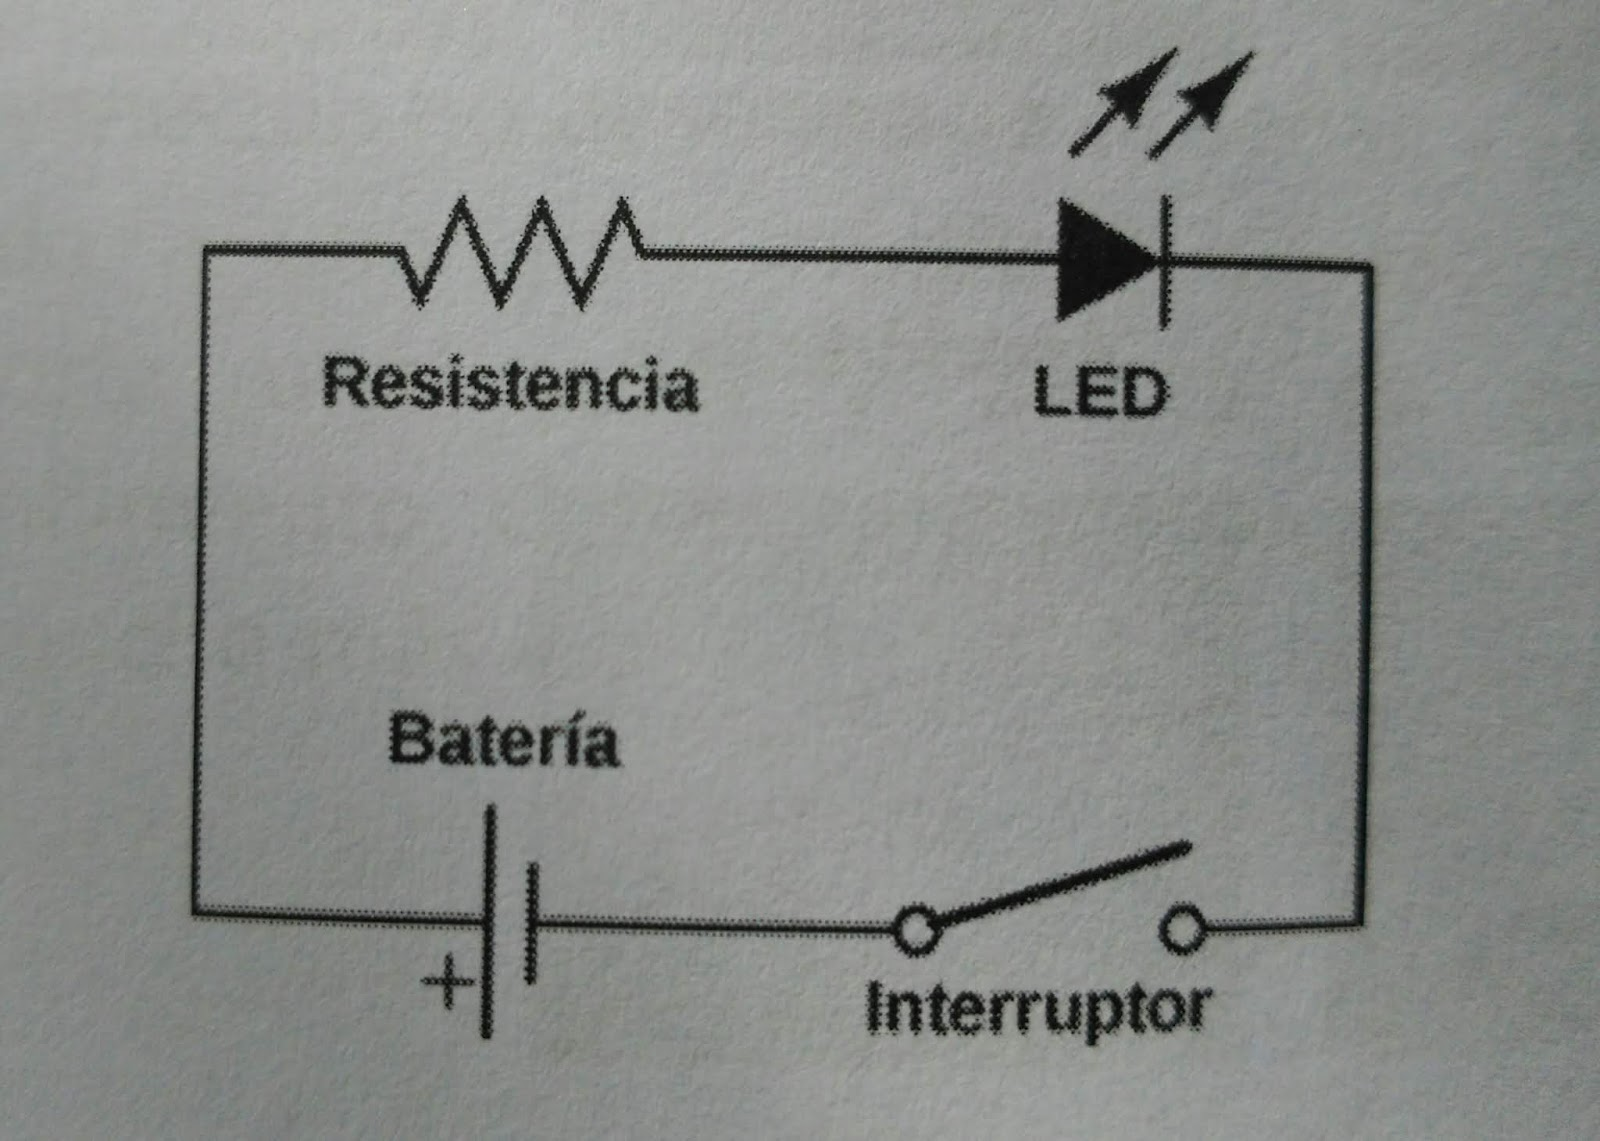 Circuito Electrico Simple Con Interruptor : ElectrobÓveda: arduino: 2. circuitos eléctricos básicos